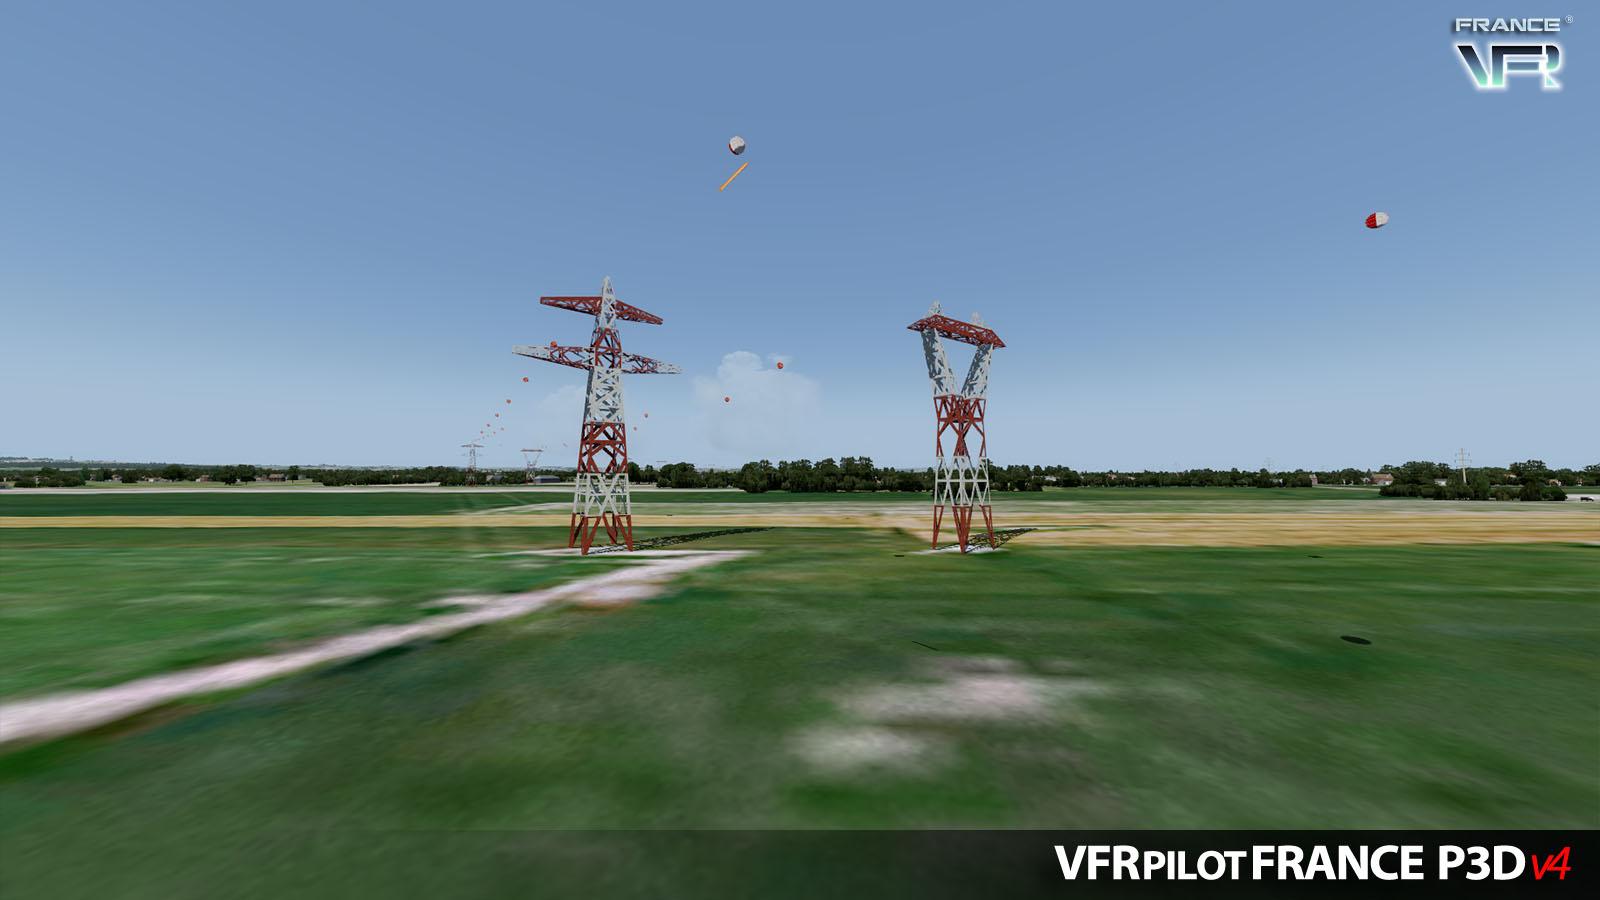 VFRFRAP3D_18.jpg